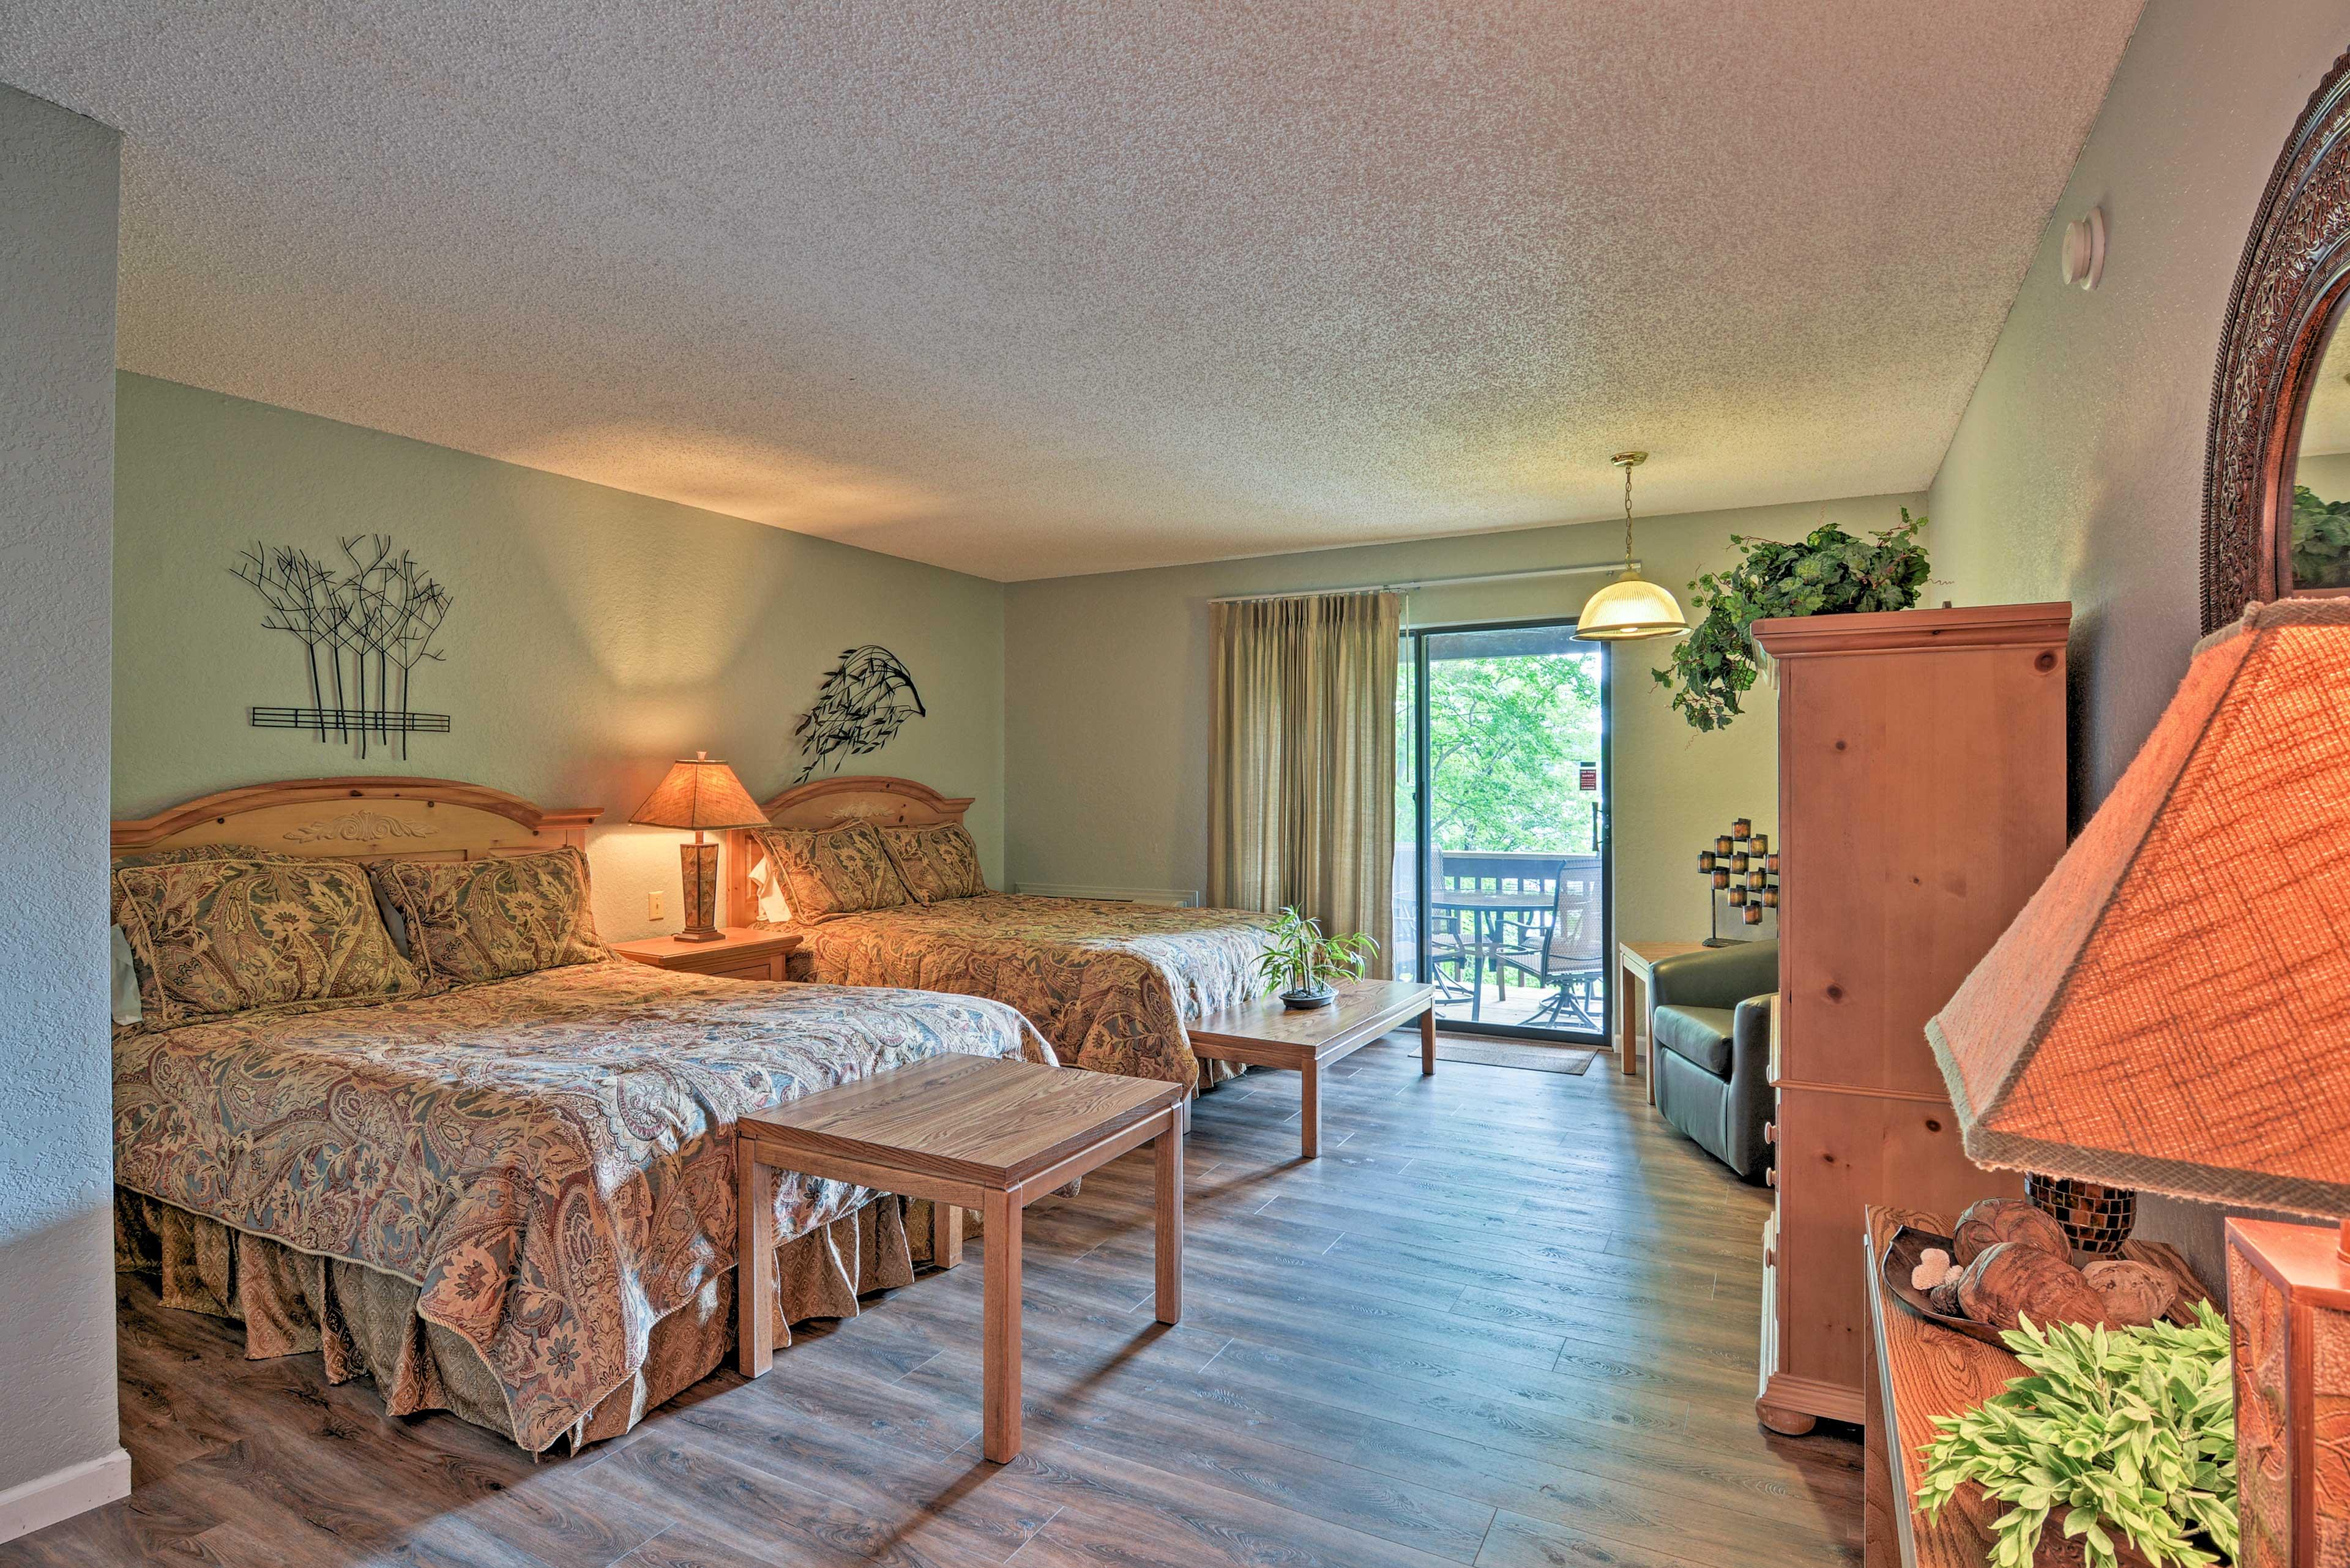 Bedroom 4 | 2 Queen Beds